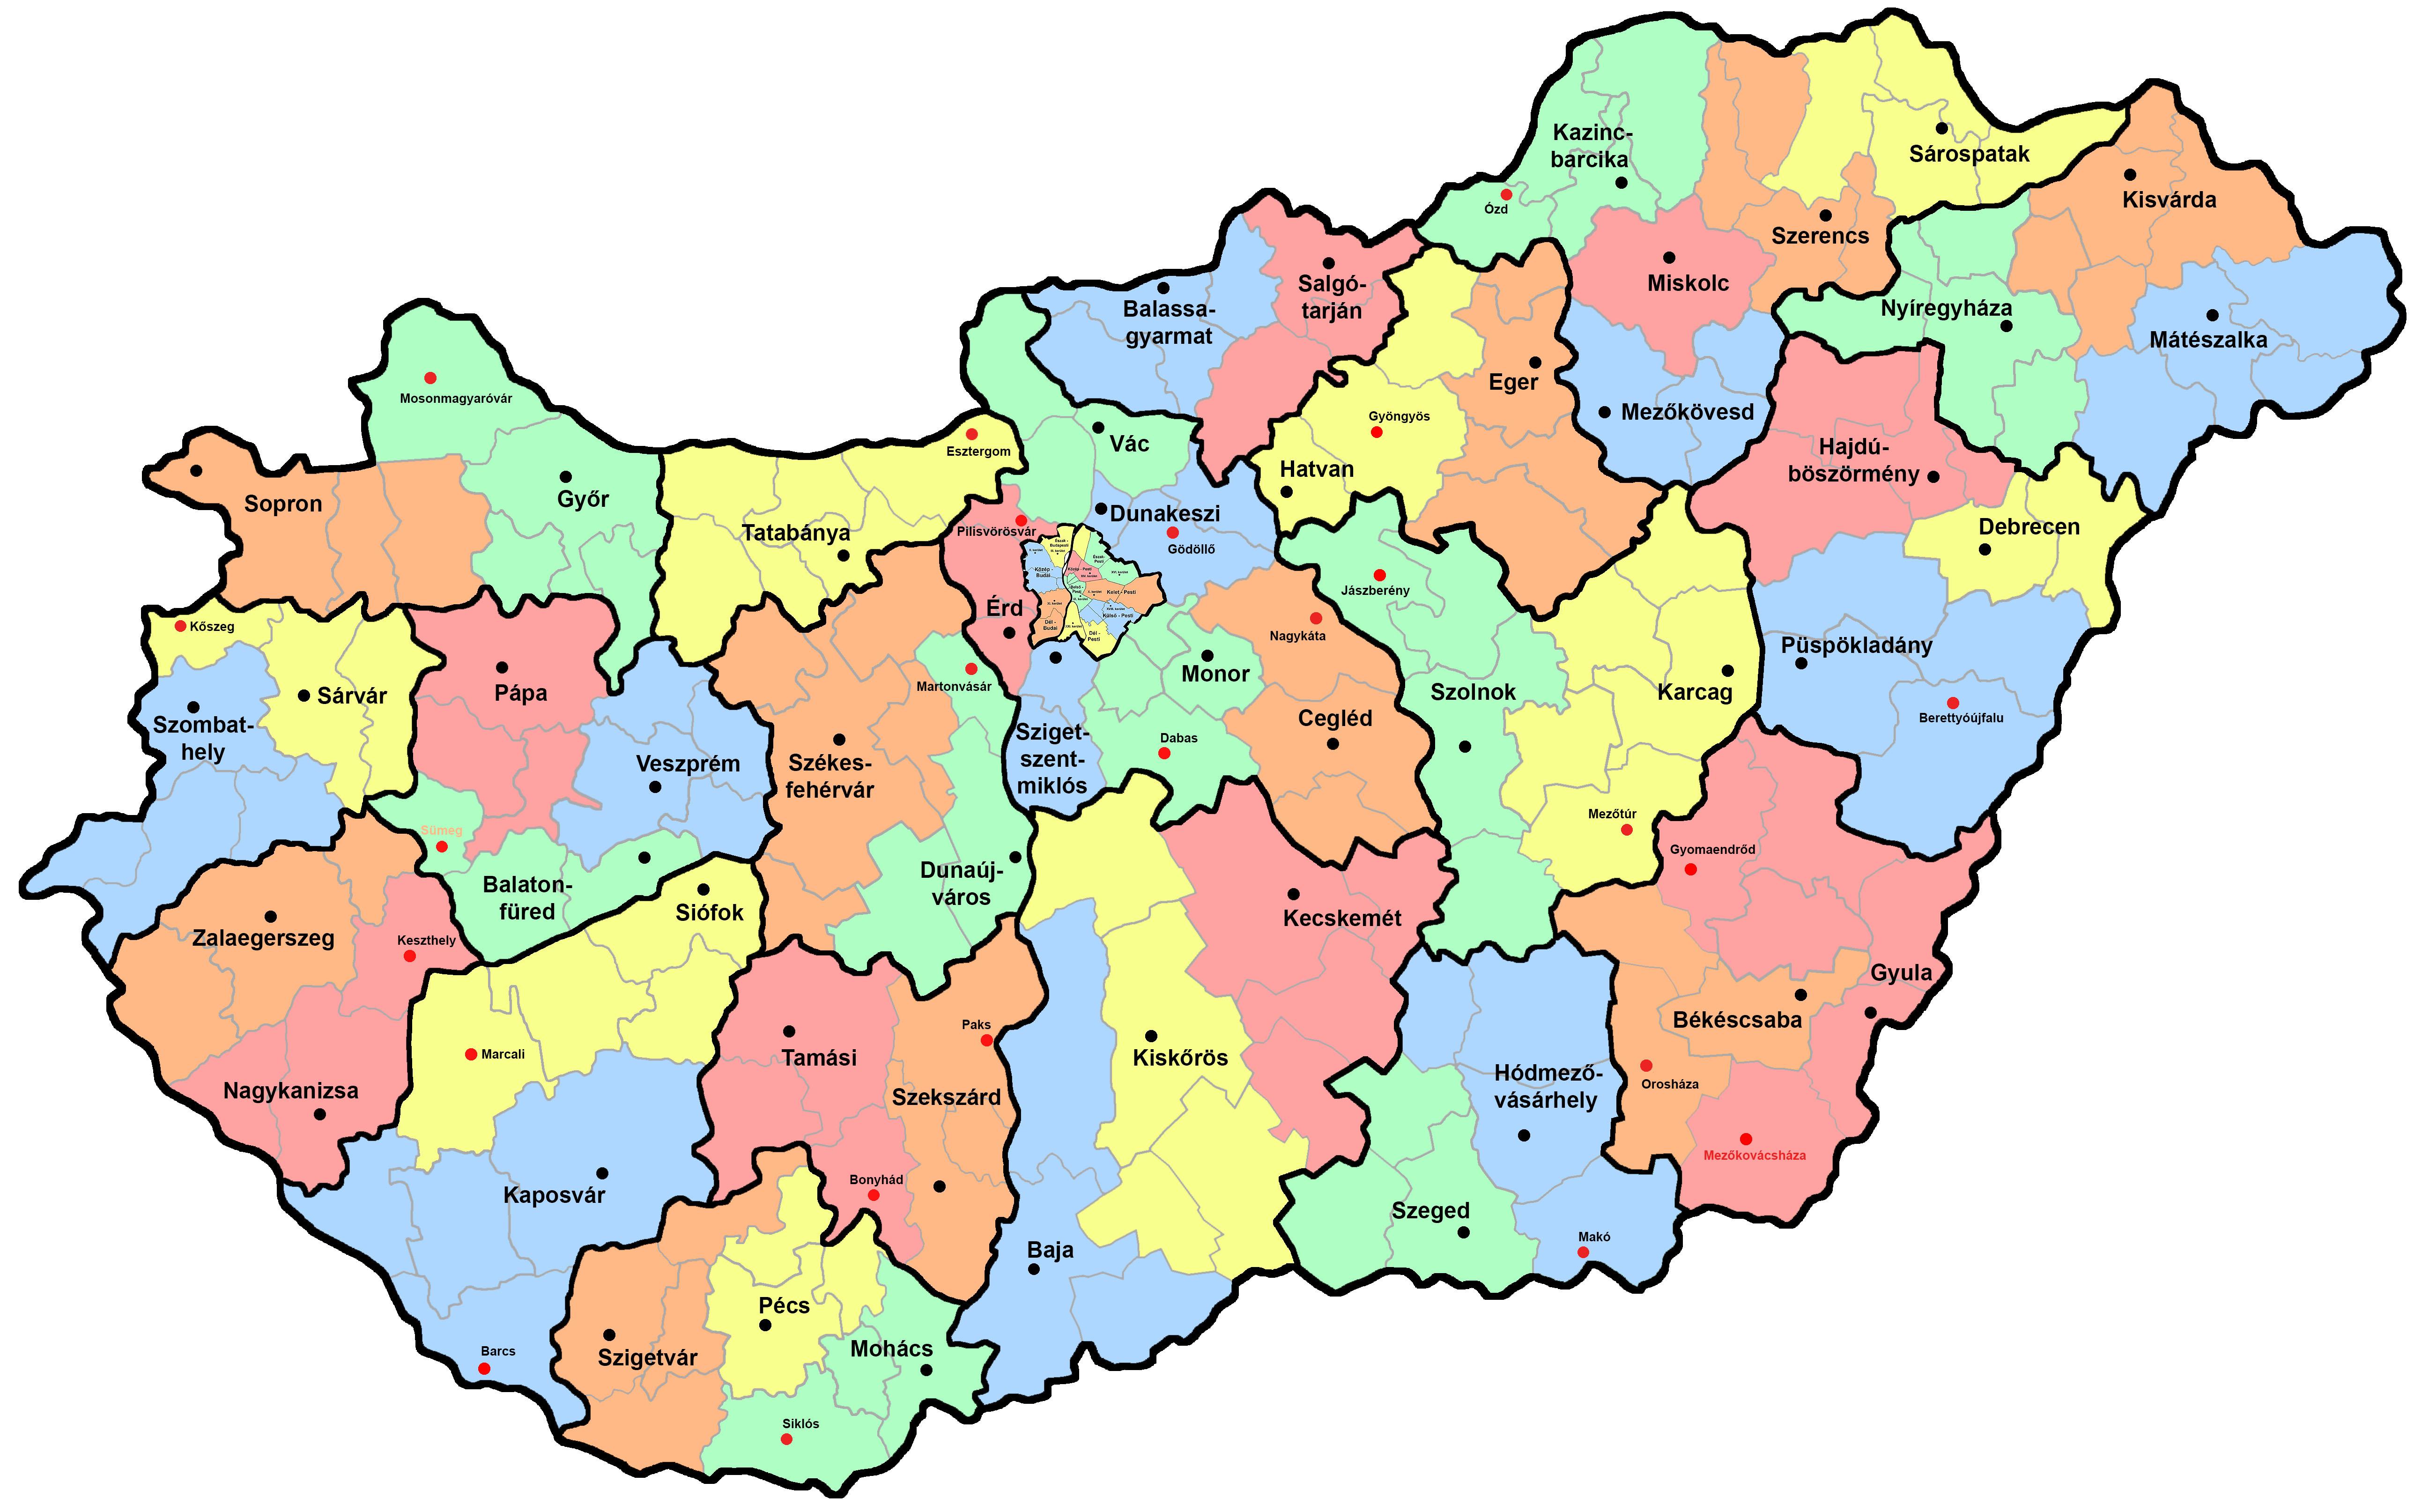 magyarország térkép cegléd A papír és a led izzó hiányának fogságában – jelenthet e megoldást  magyarország térkép cegléd